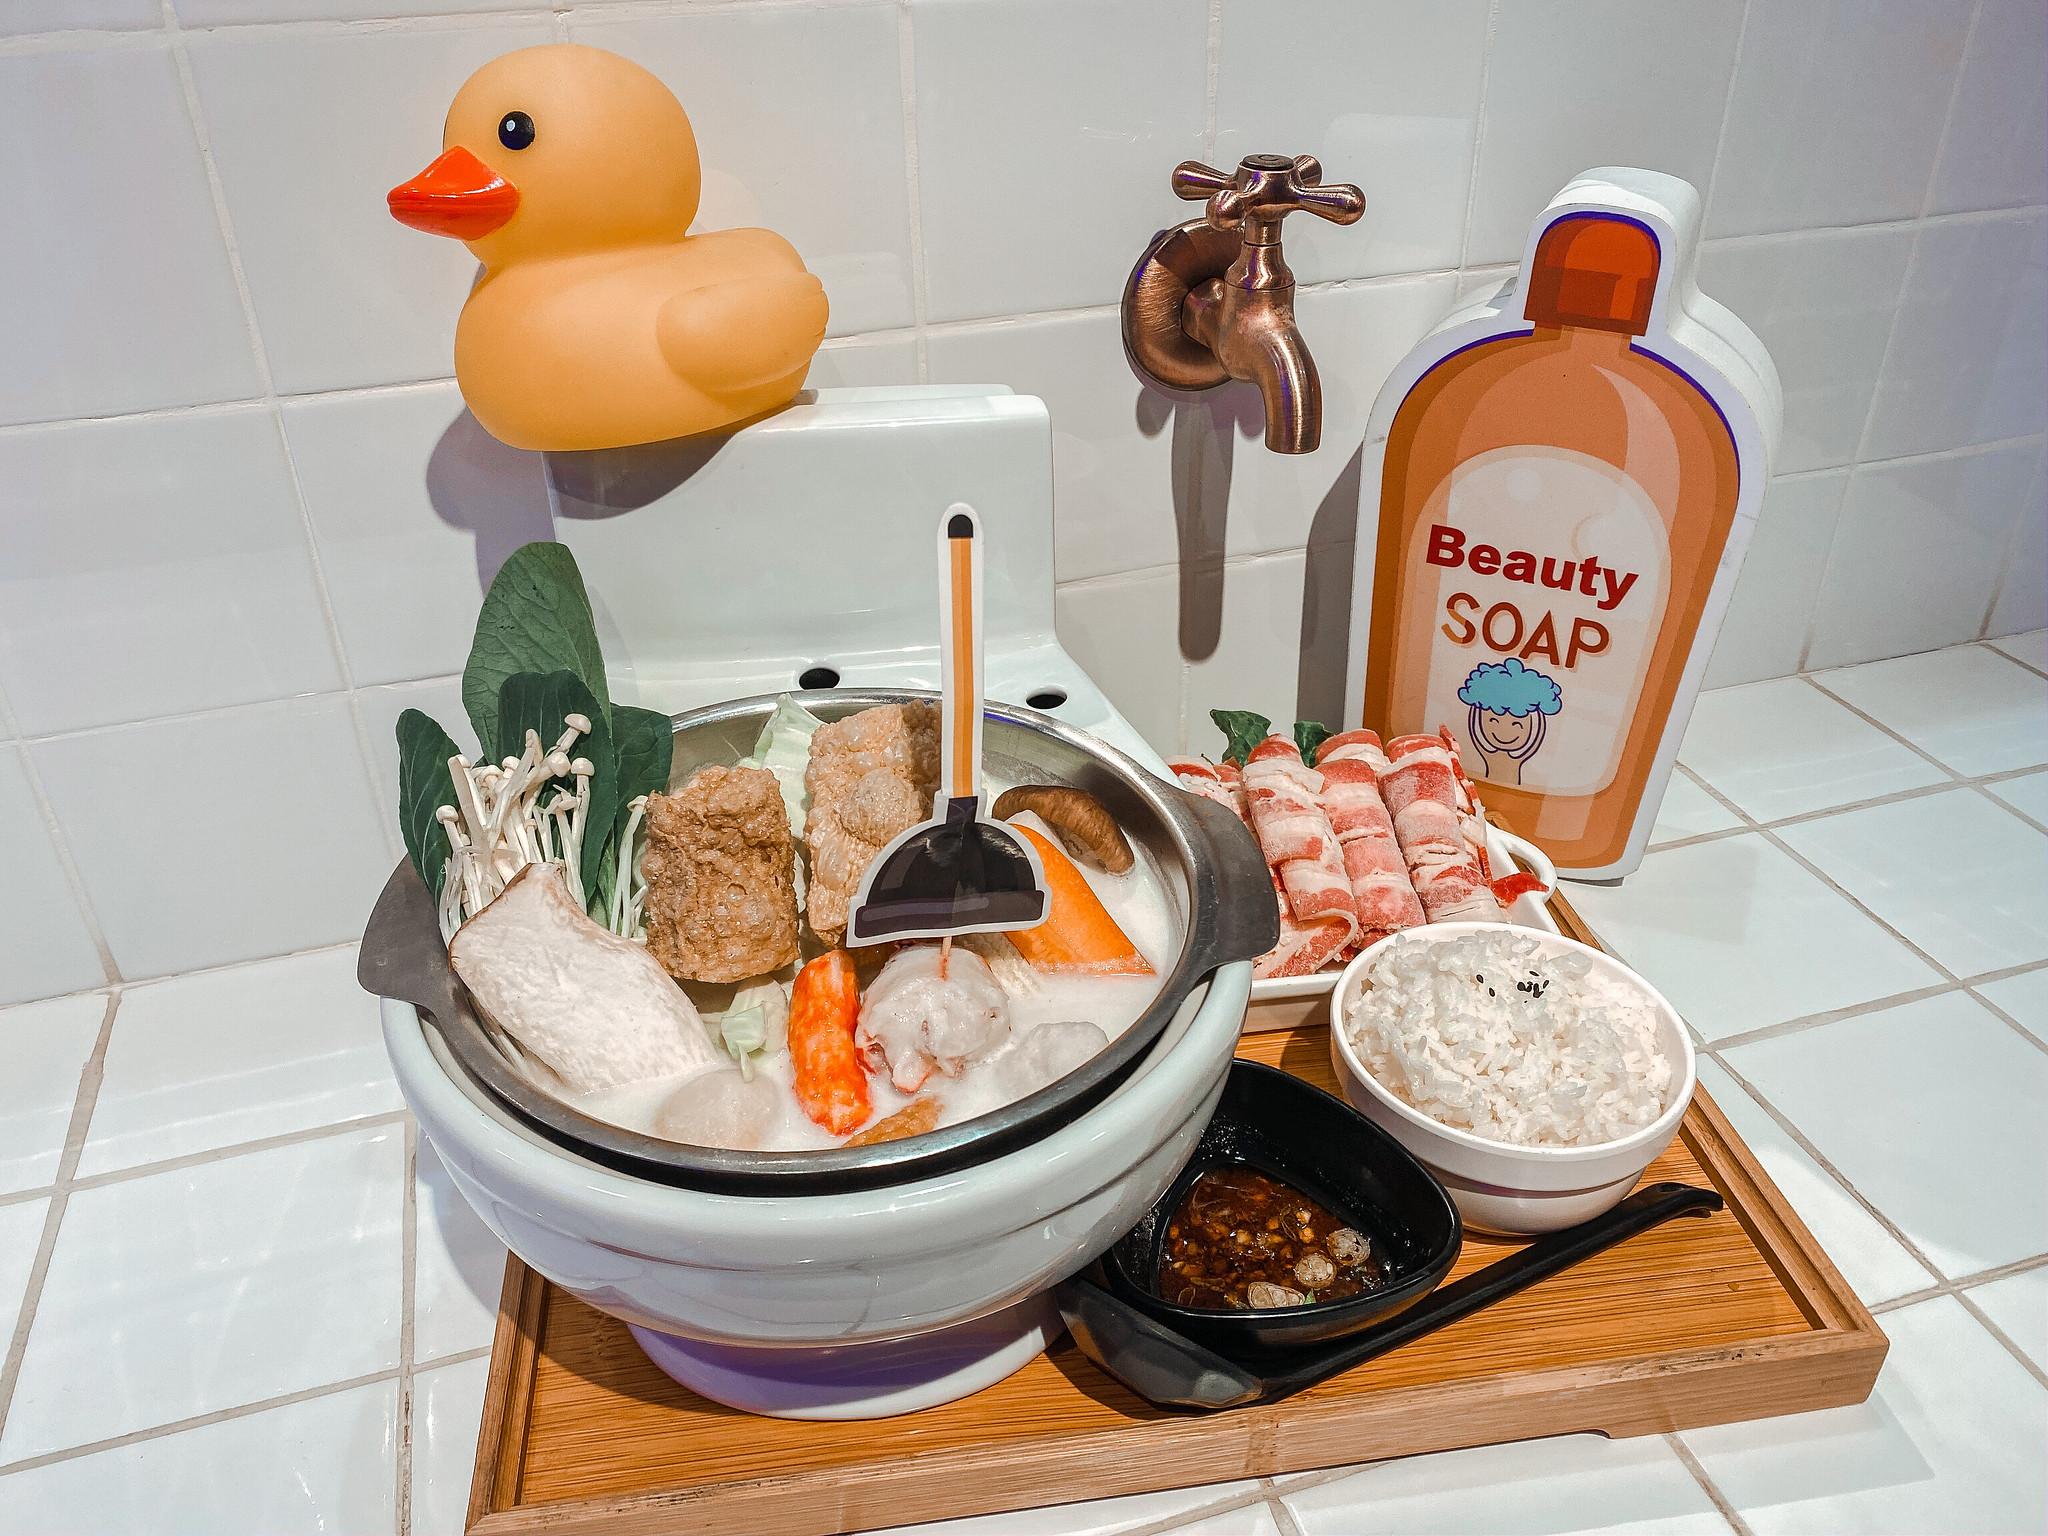 士林美食餐廳。便所主題餐廳 北海道戀奶鍋